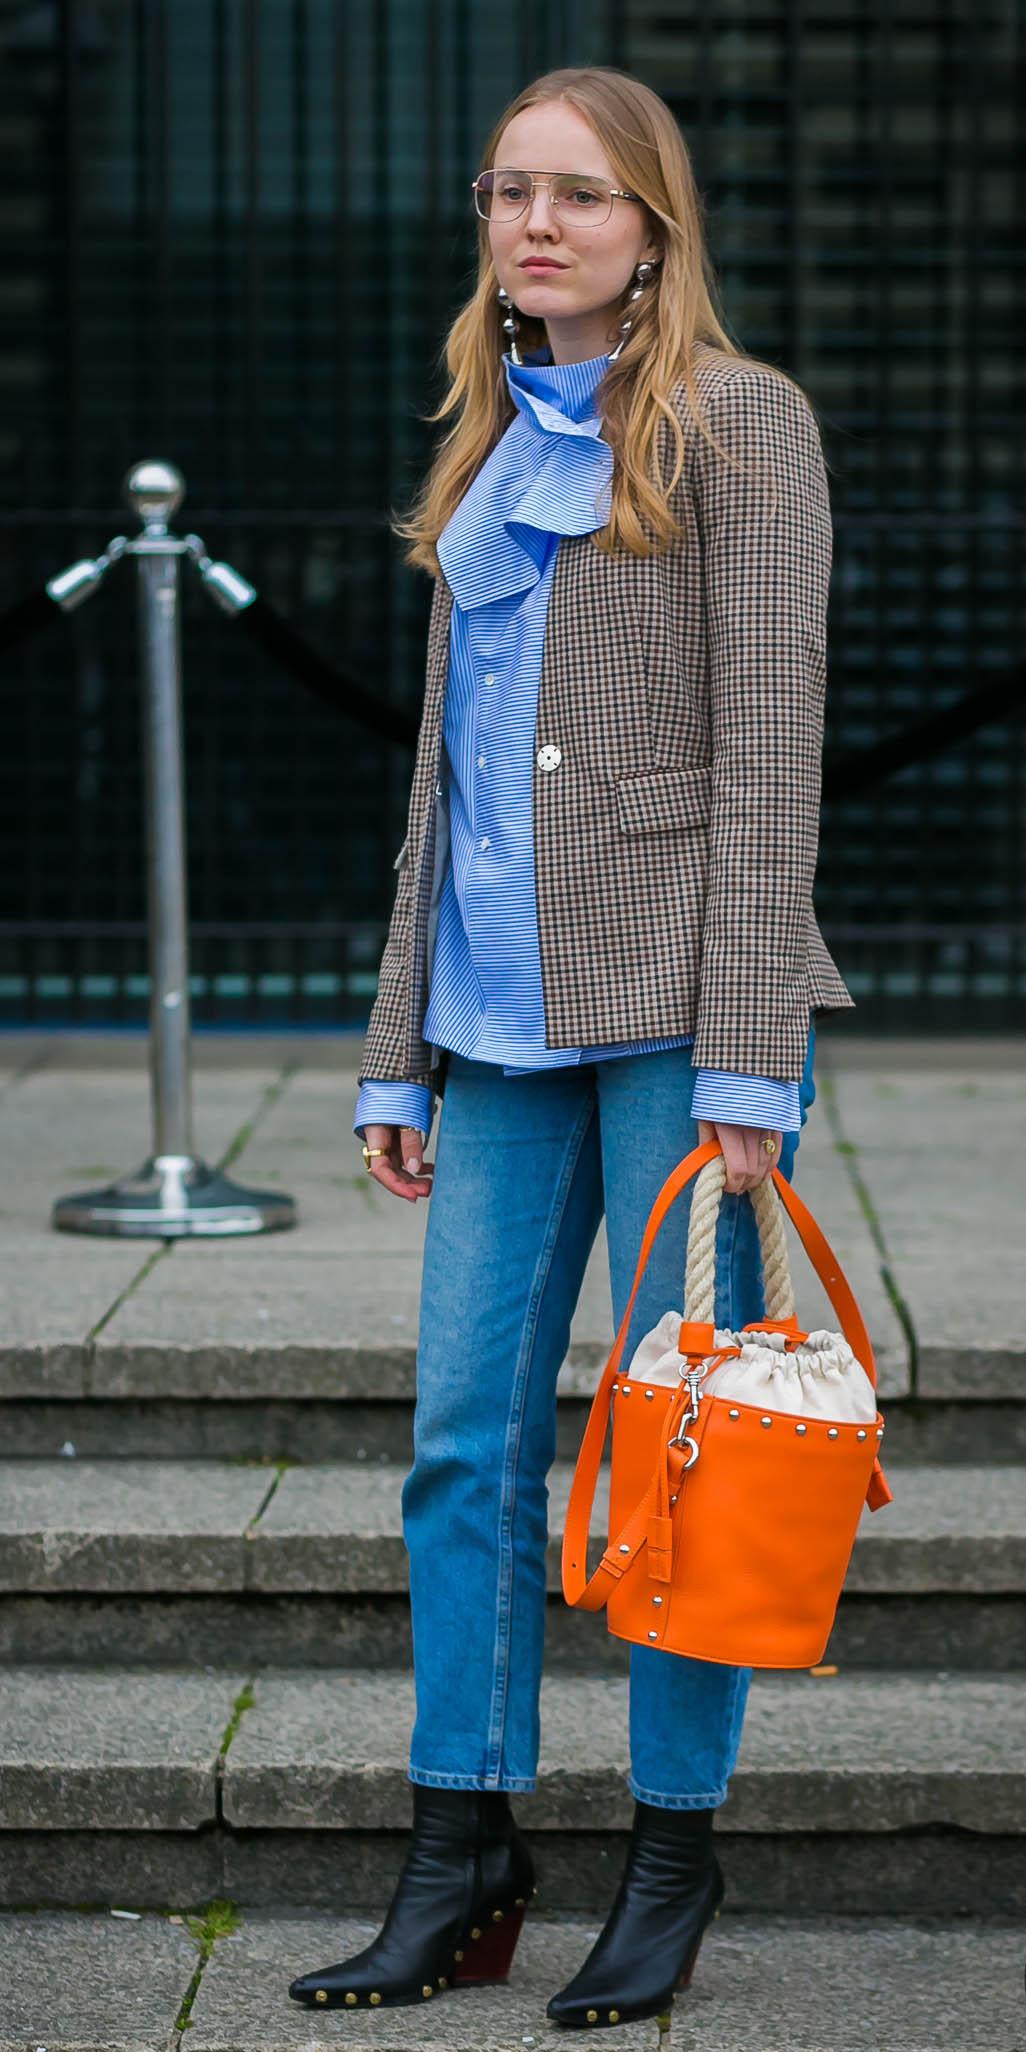 blue-med-skinny-jeans-blue-med-top-ruffle-orange-bag-bucket-black-shoe-booties-earrings-tan-jacket-blazer-fall-winter-blonde-lunch.jpg